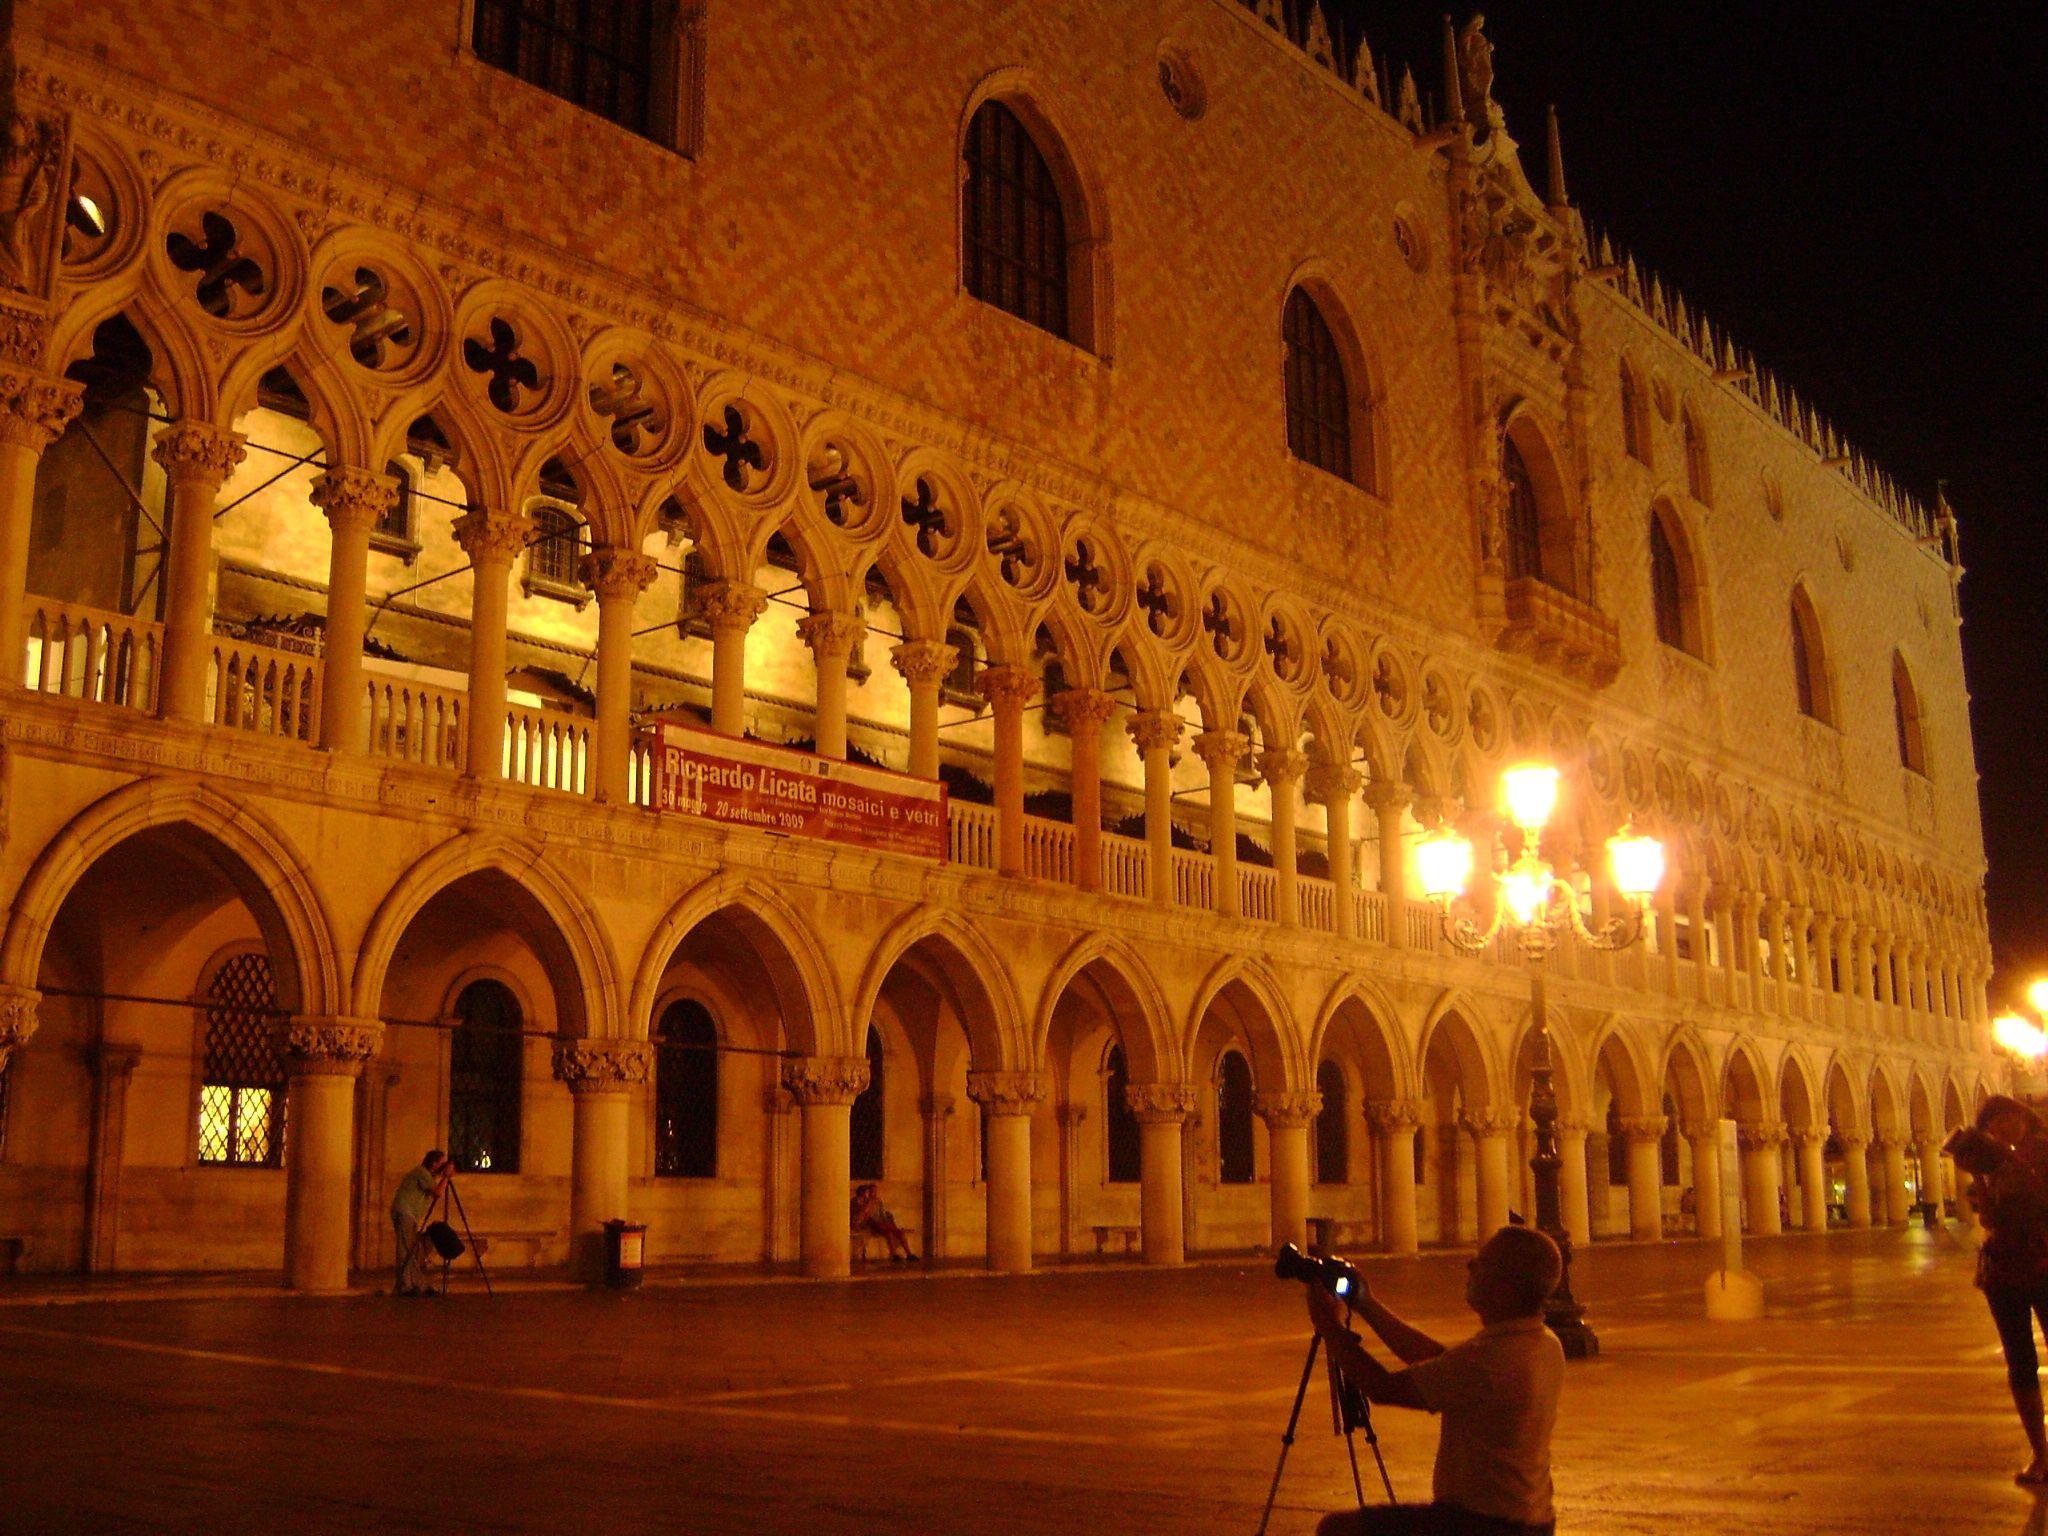 Palazzo Ducale - Venezzia